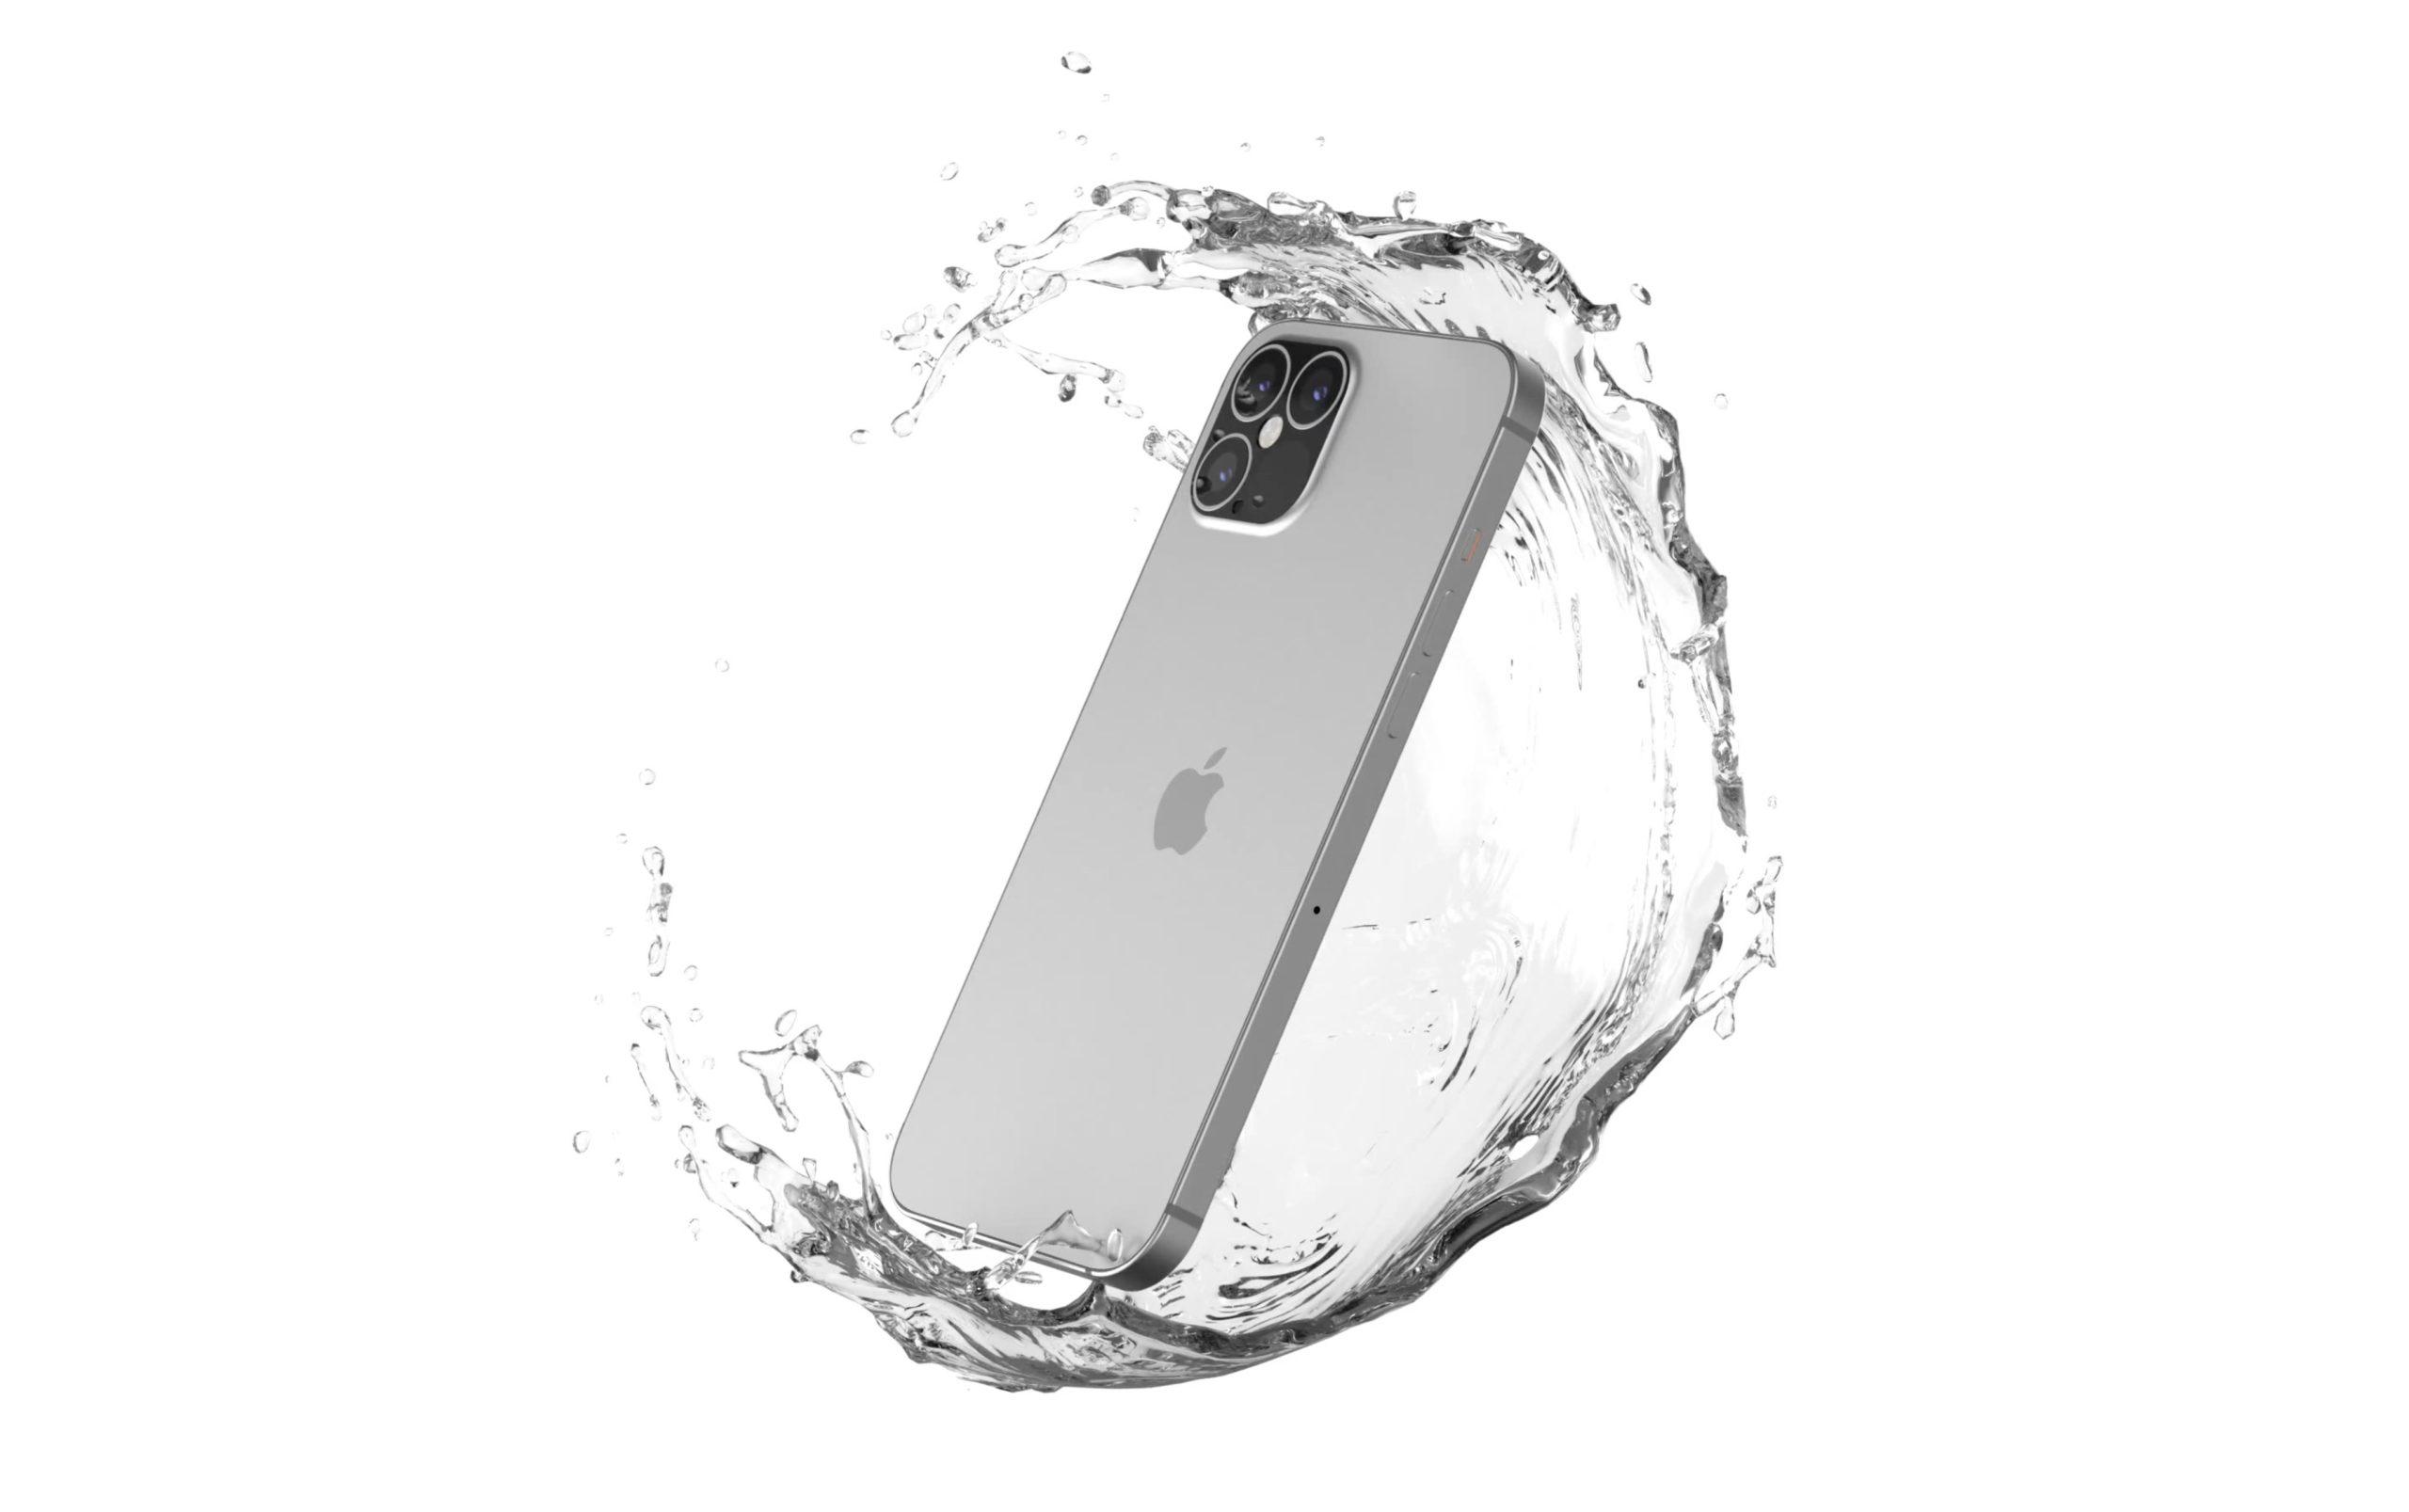 Imagen generada por ordenador de lo que podría ser el próximo iPhone 12